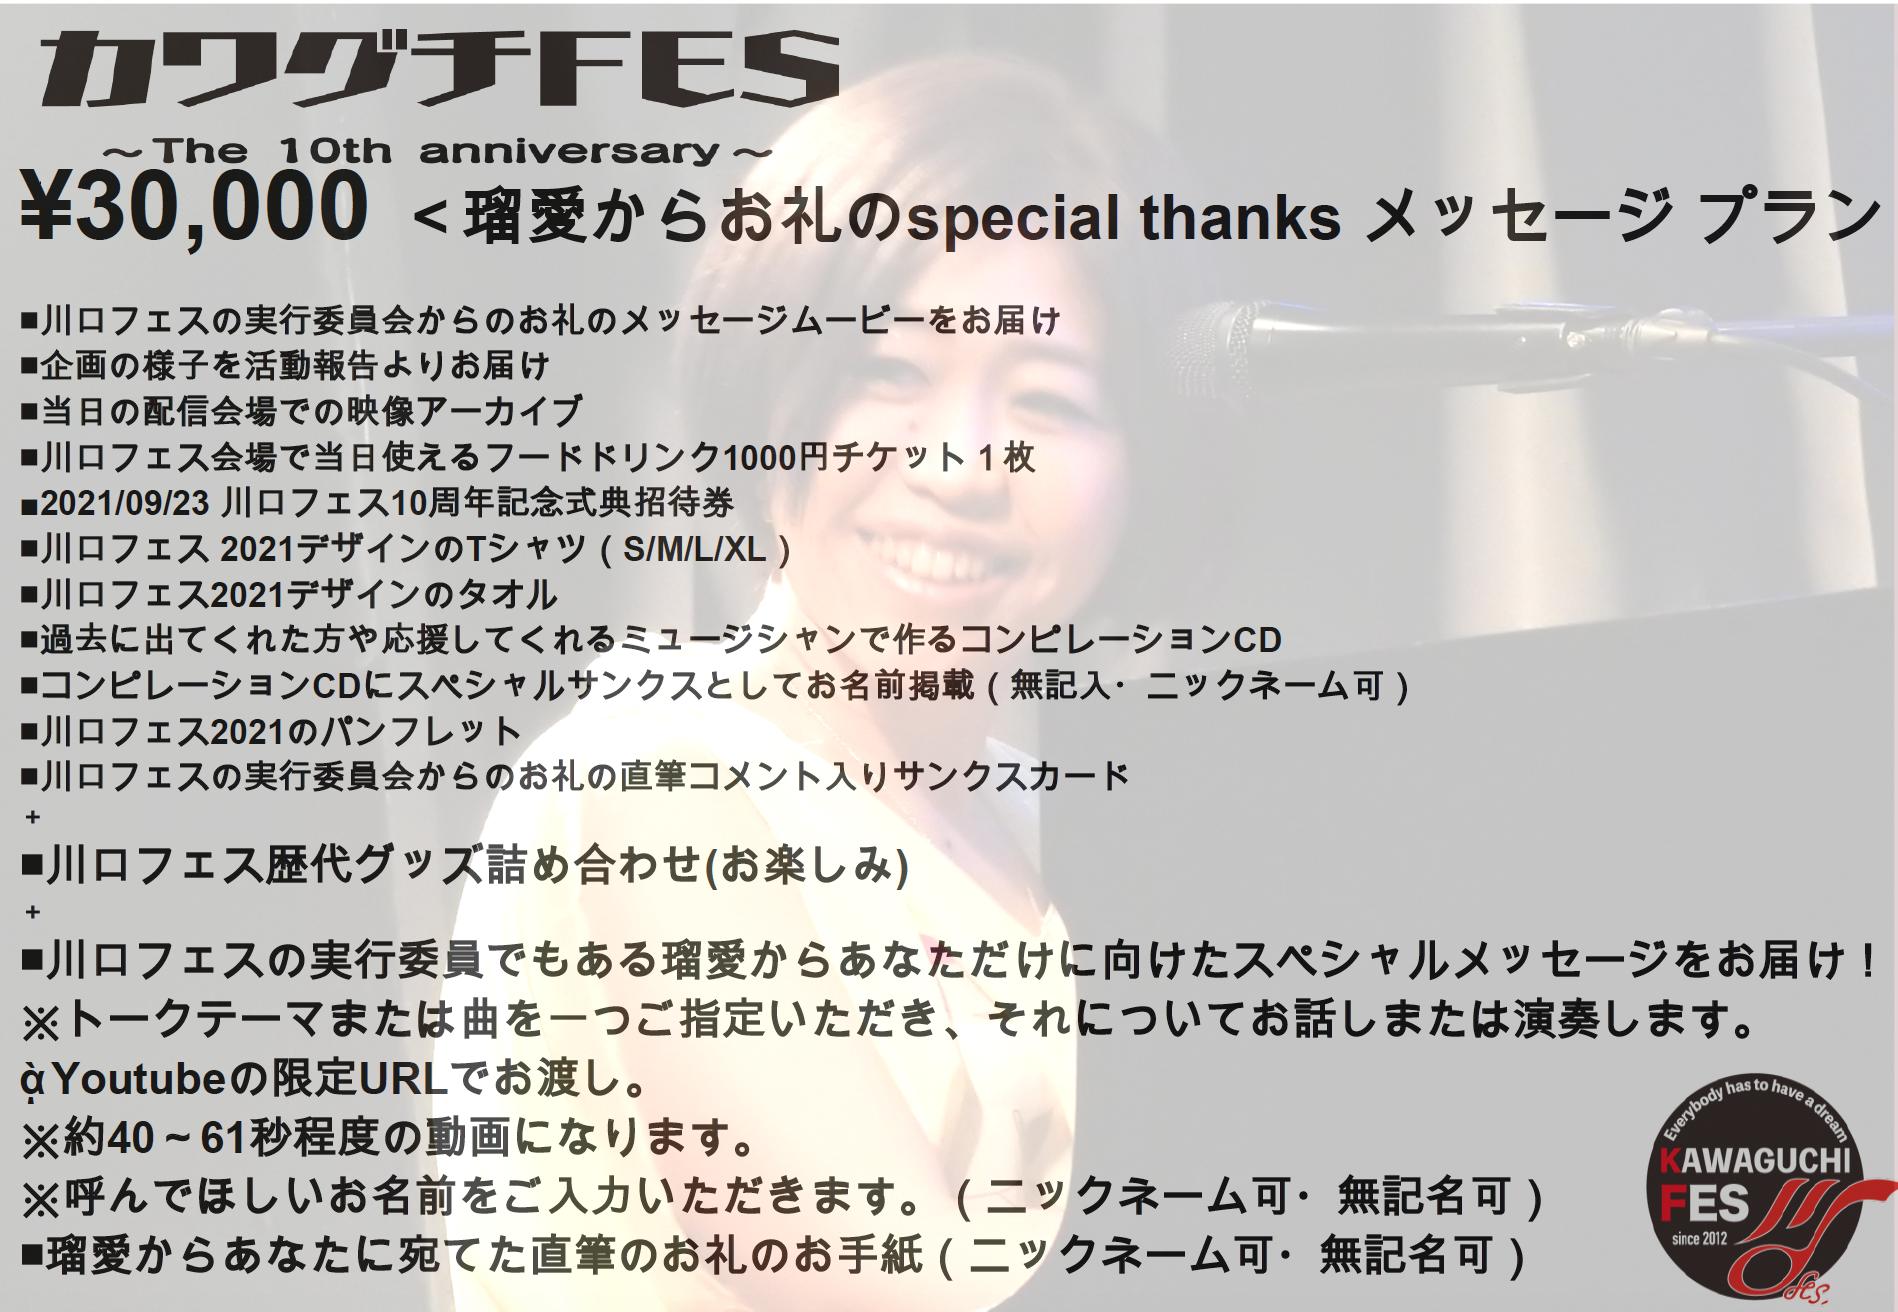 <瑠愛からお礼のspecial thanks メッセージ プラン>